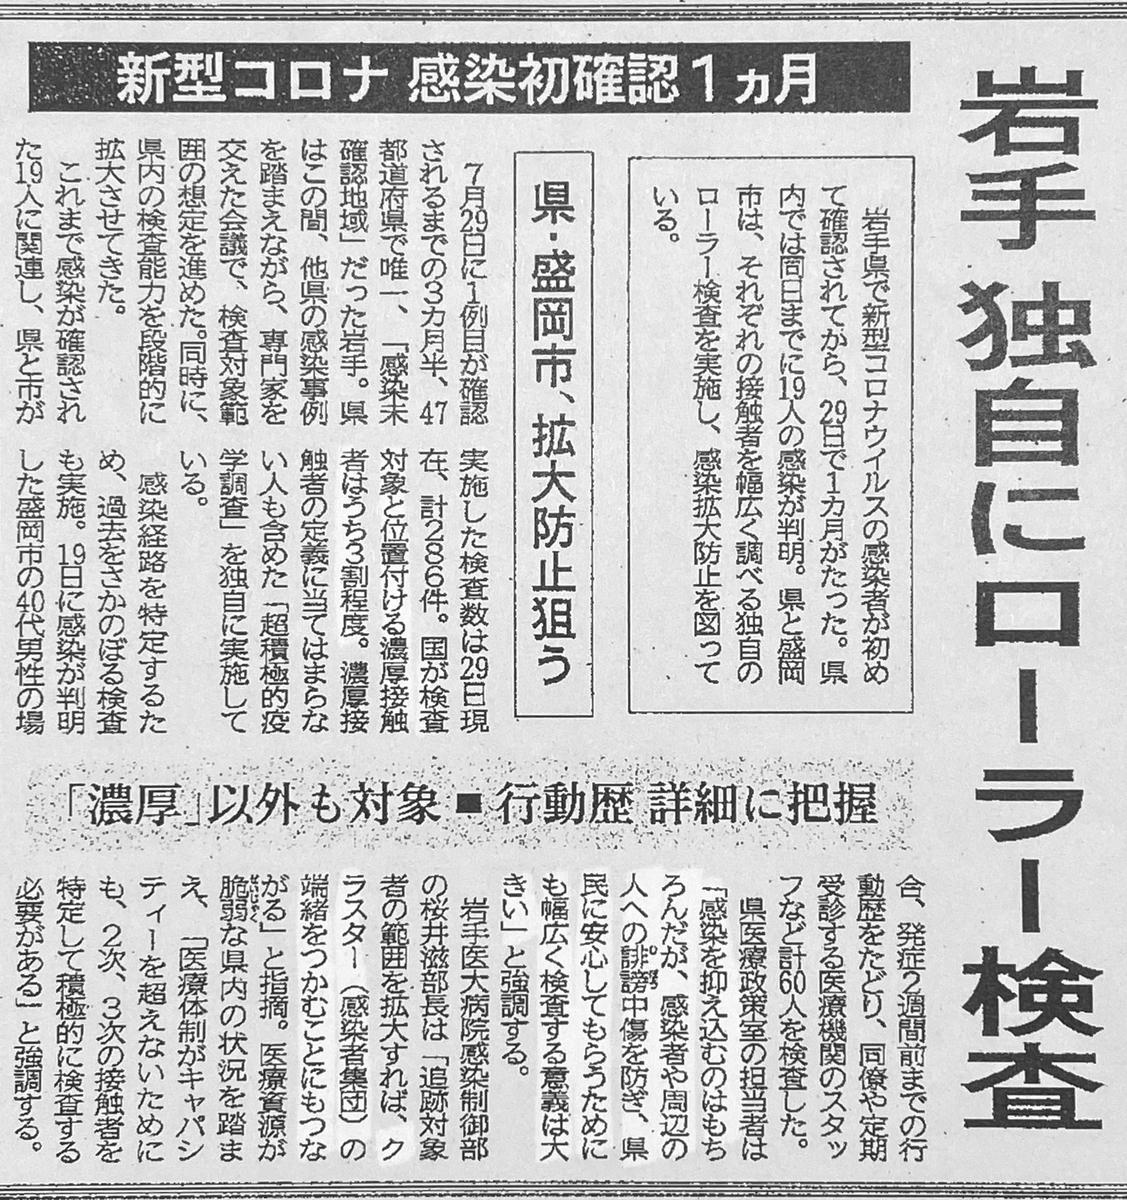 f:id:oohashisaori:20200831190344j:plain